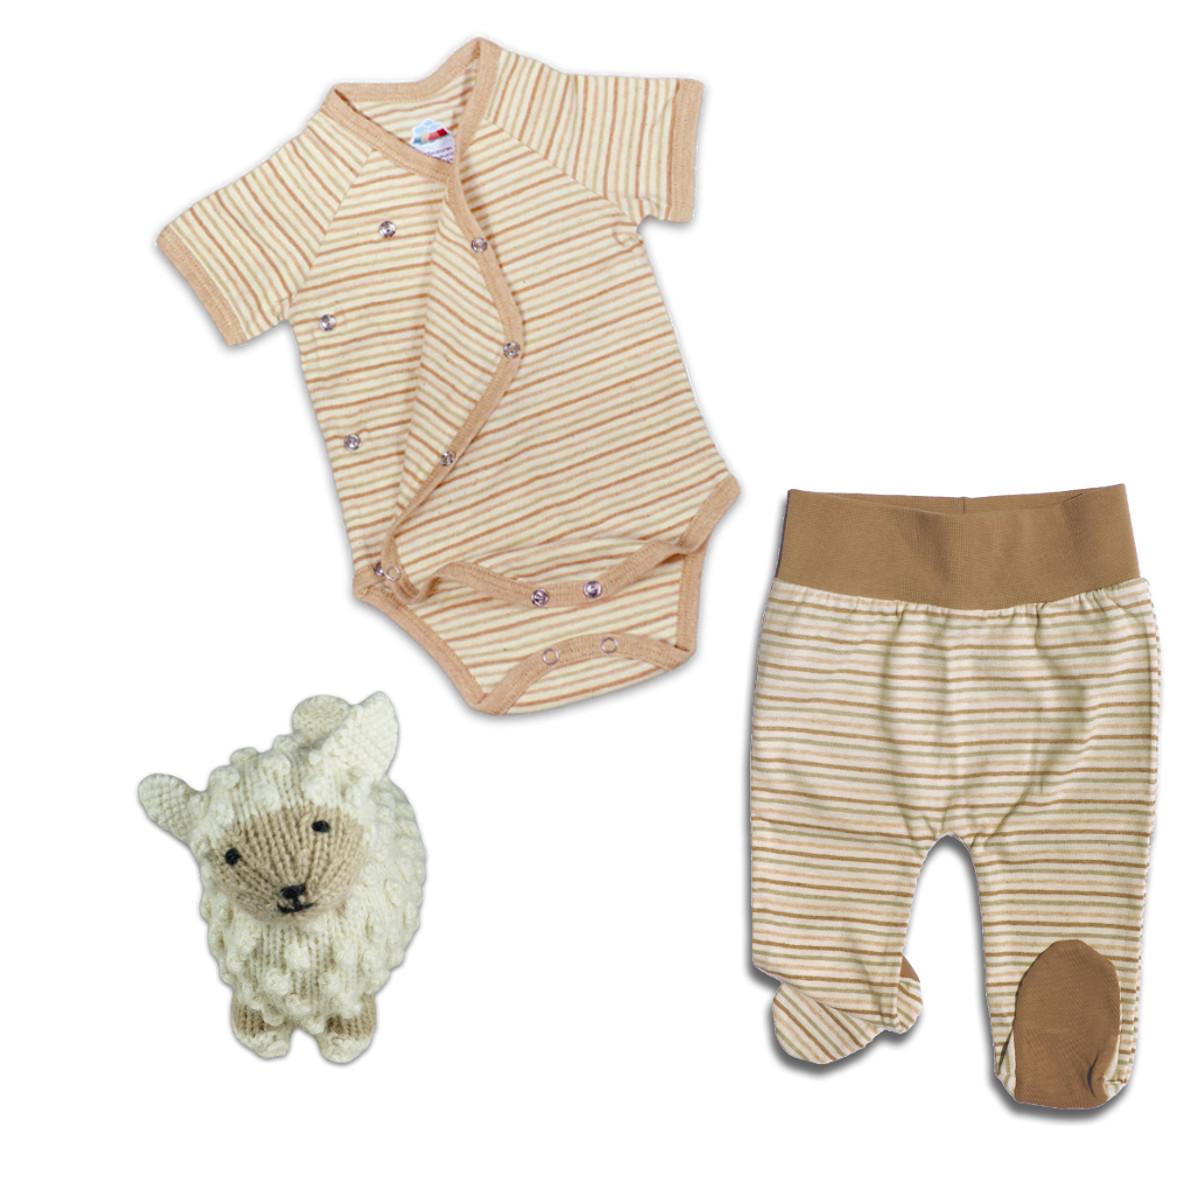 separation shoes 3e368 5a537 Starterset für Baby-Mädchen: Strampelhose, Wickelbody u. Schaf